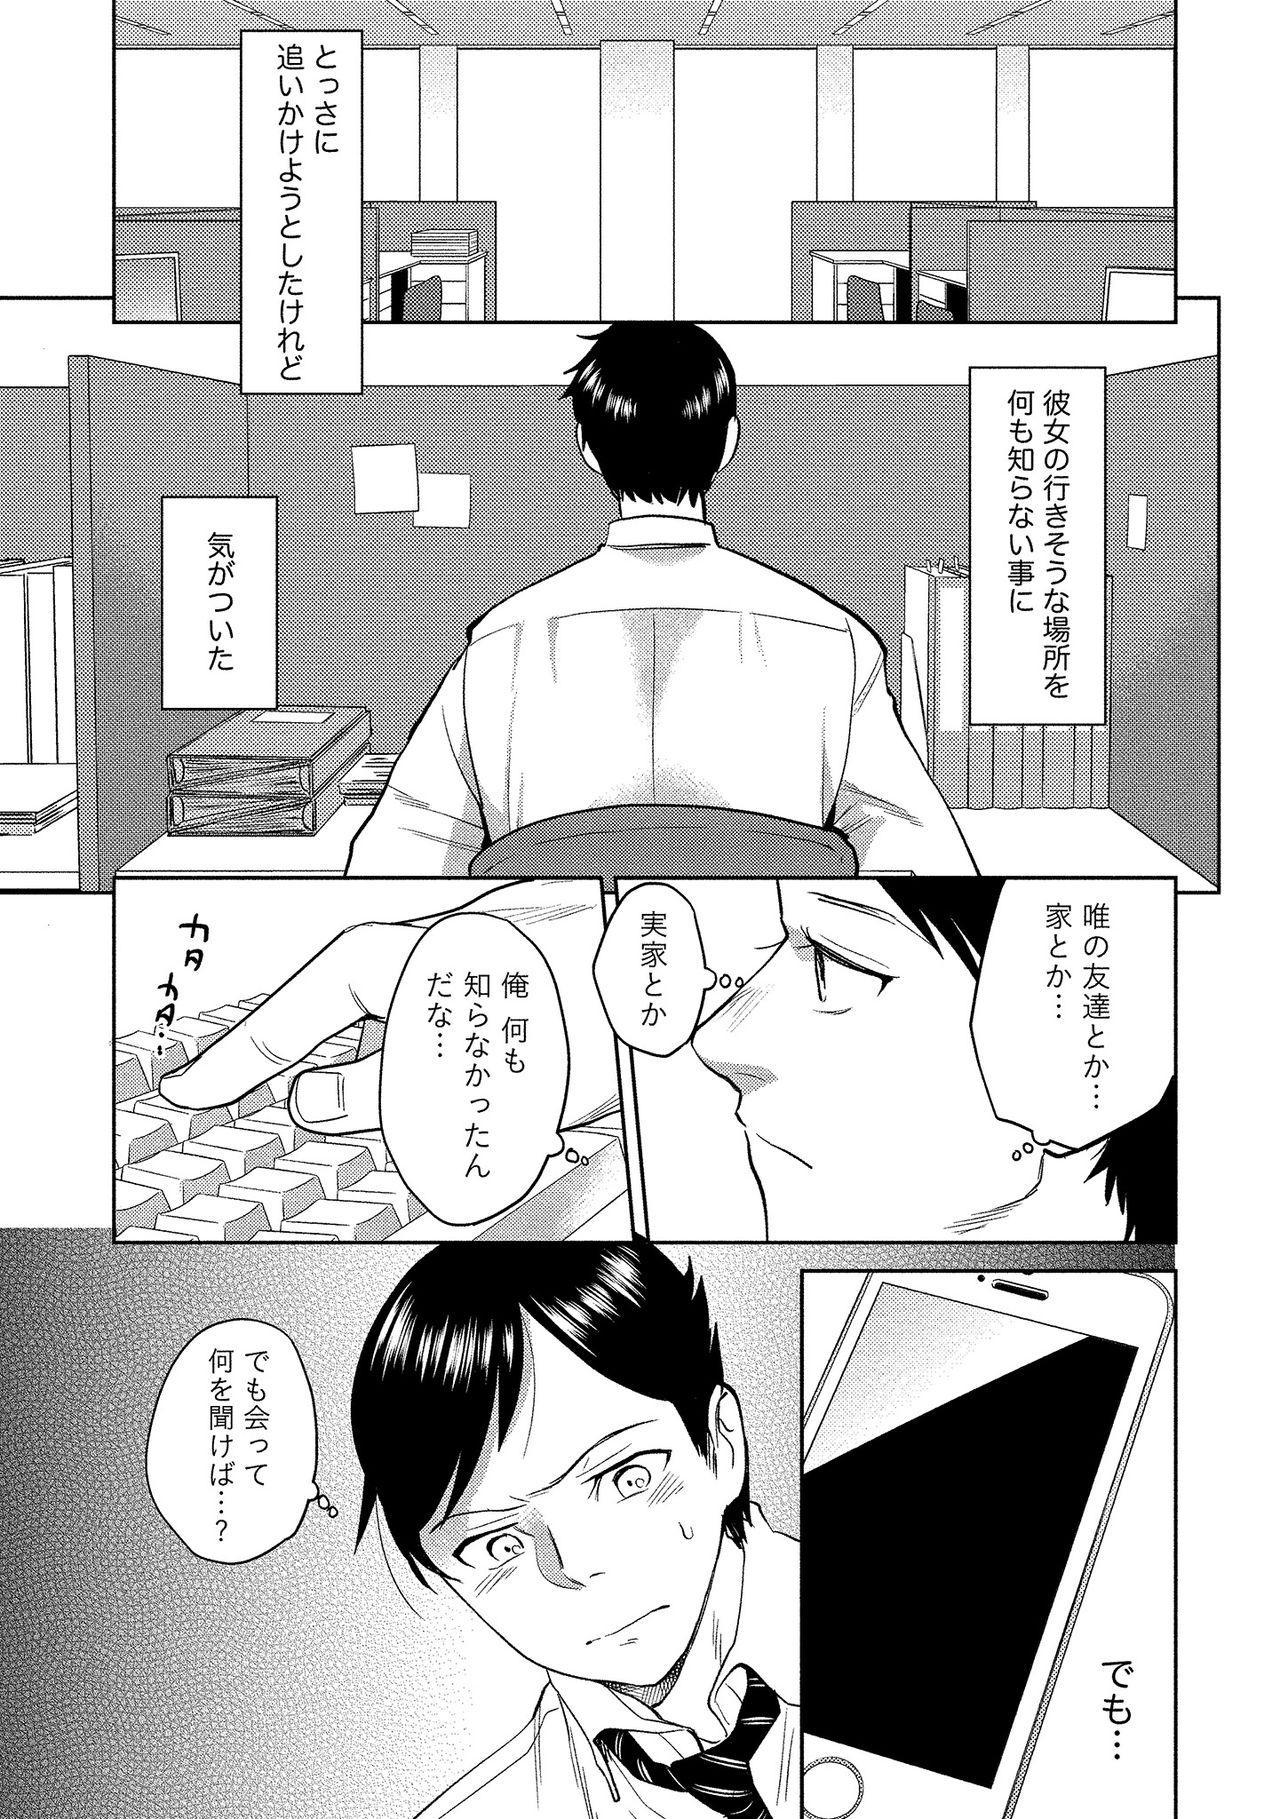 Dorobou Neko wa Kanojo no Hajimari 153